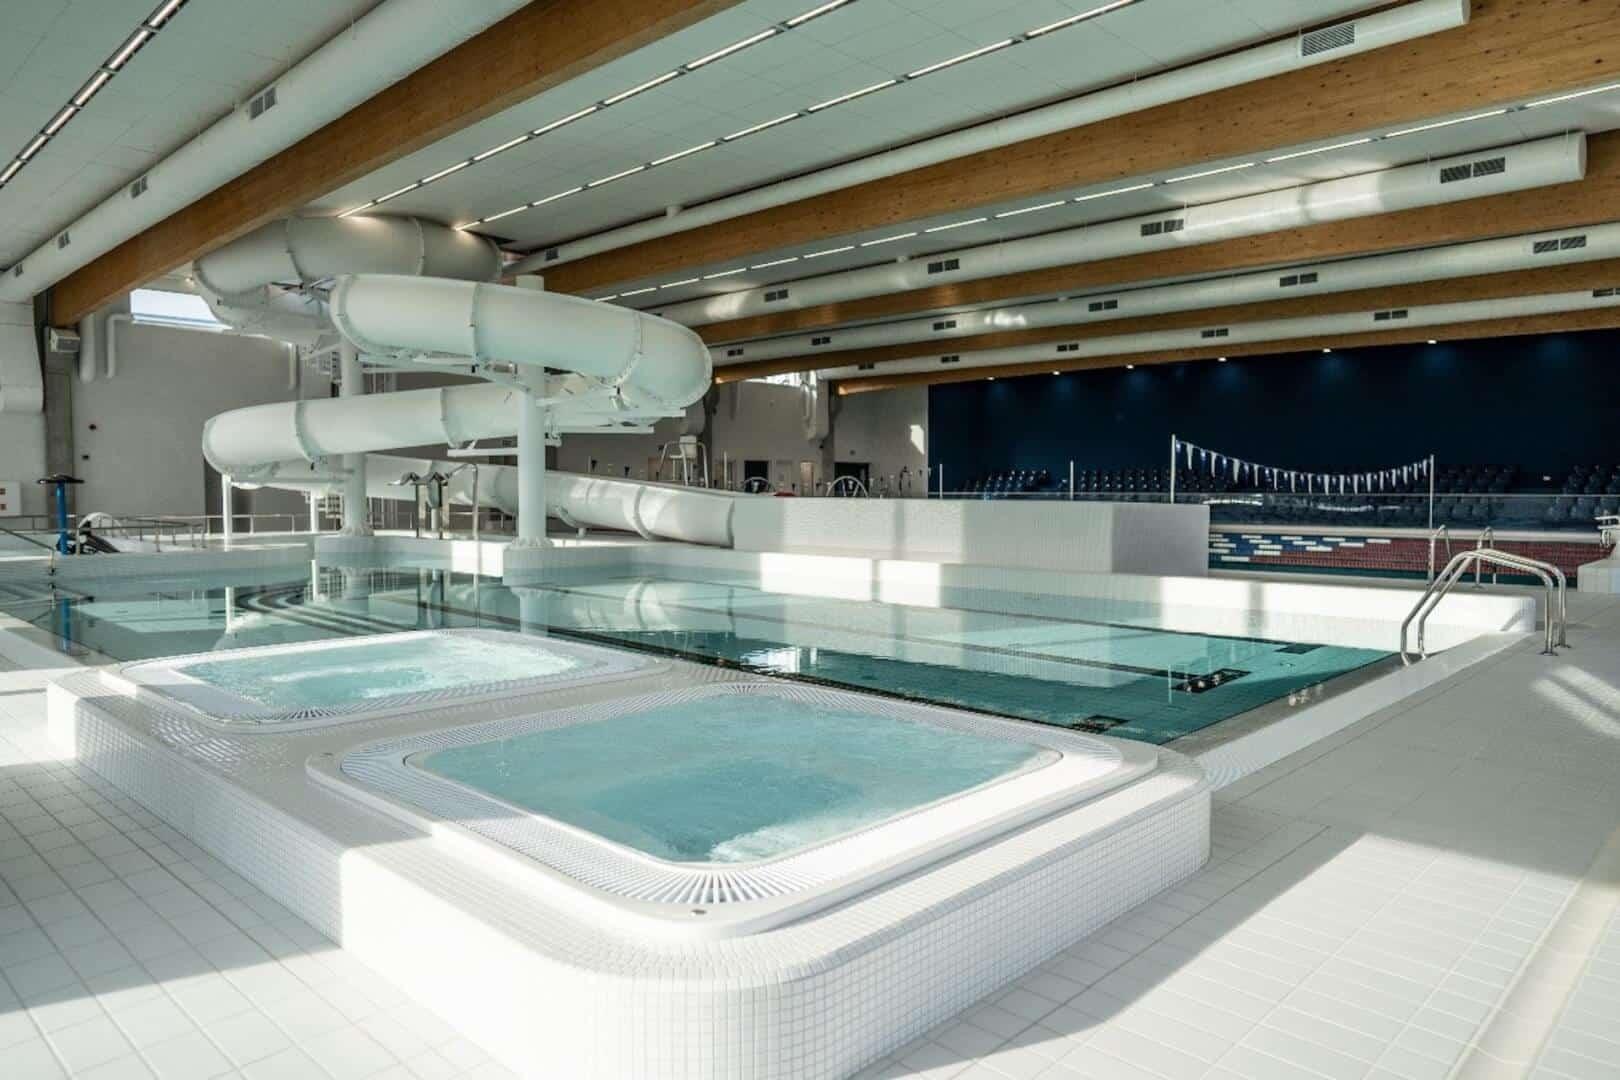 Zdjęcie z widokiem na jacuzzi, basen rekreacyjny ze zjeżdżalnią i brodzik dla dzieci